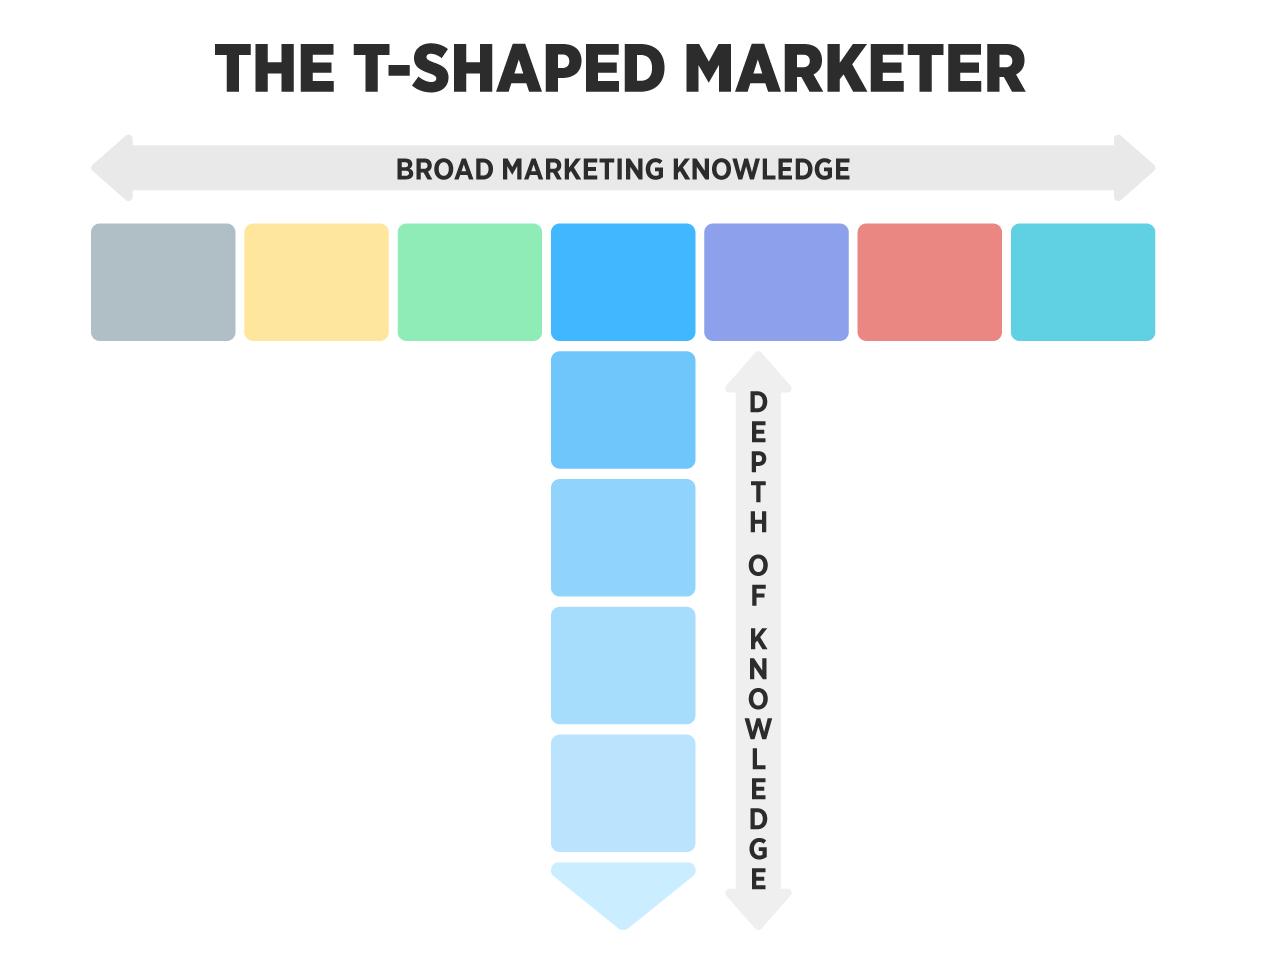 Gráfico de comercializador en forma de T